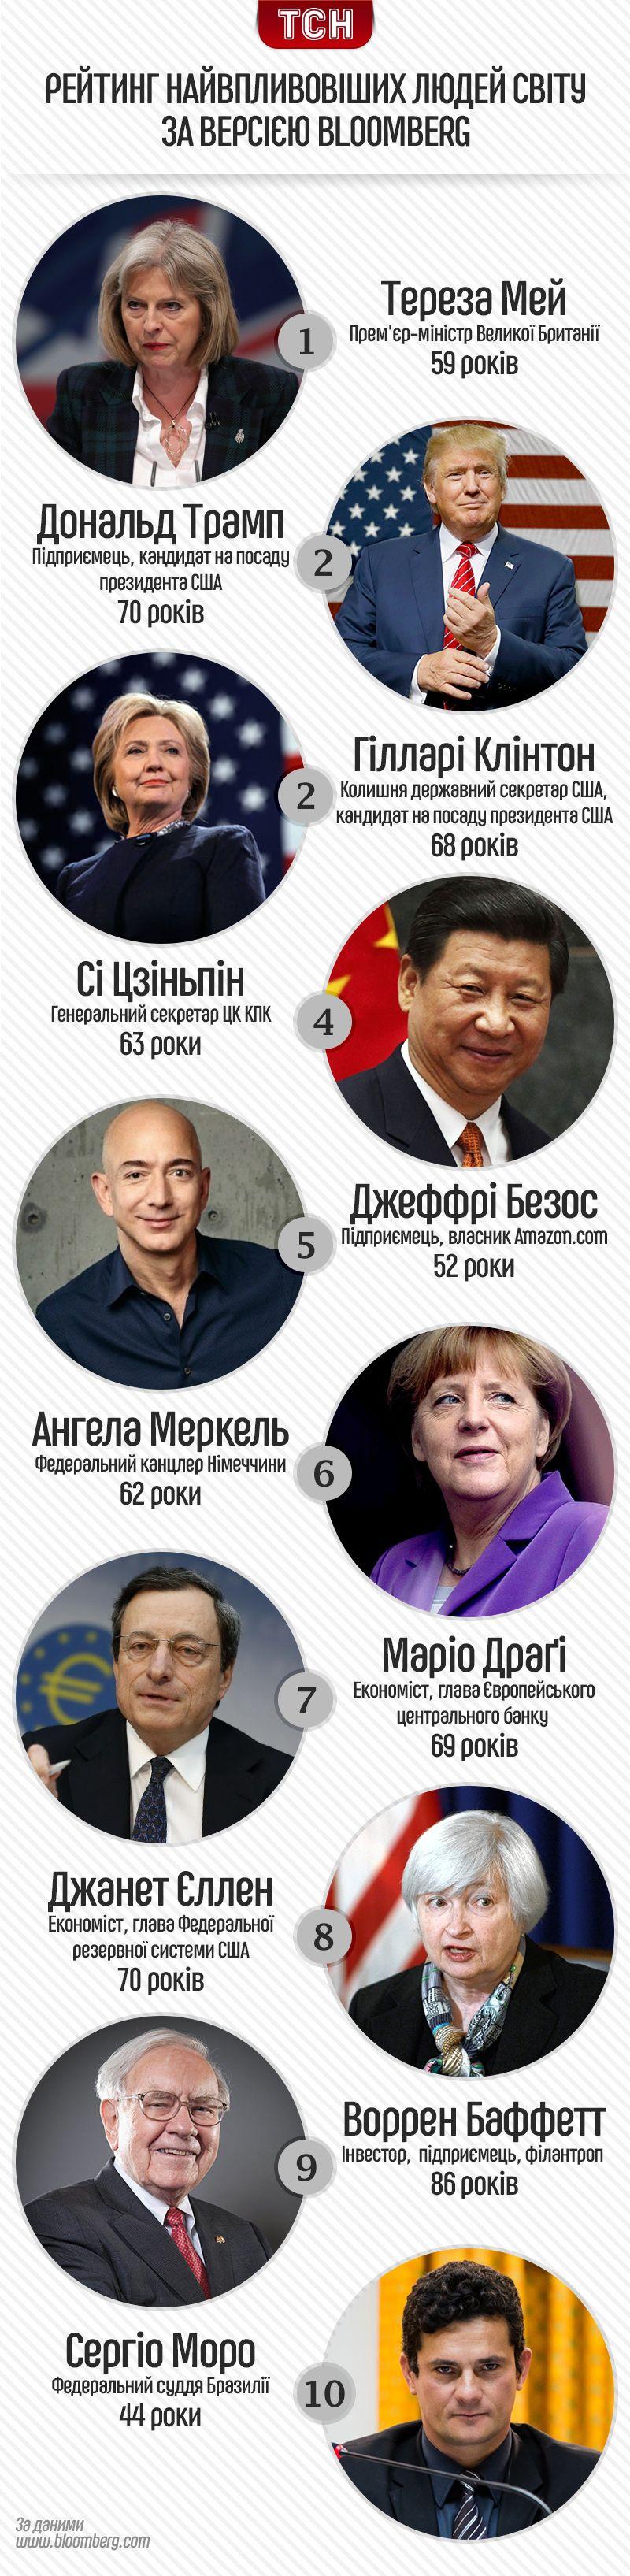 Рейтинг найвпливовіших людей світу - Bloomberg. Інфографіка